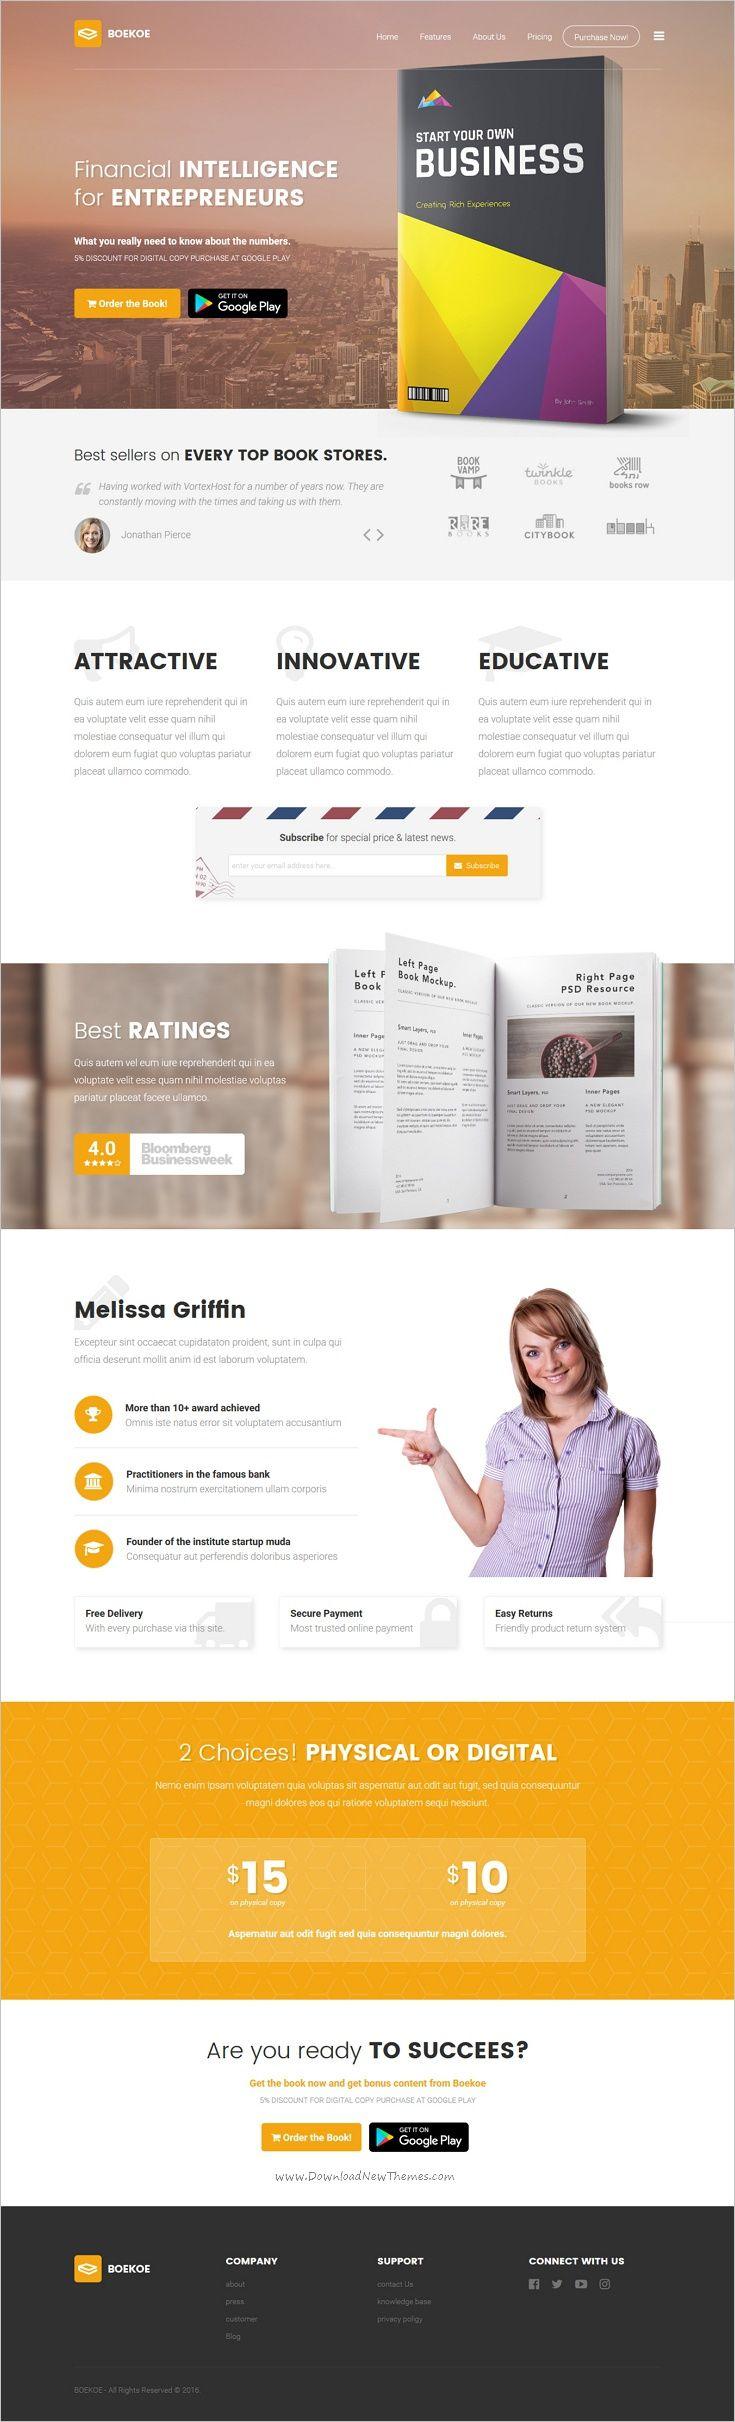 642 best Website Designs images on Pinterest | Design websites ...